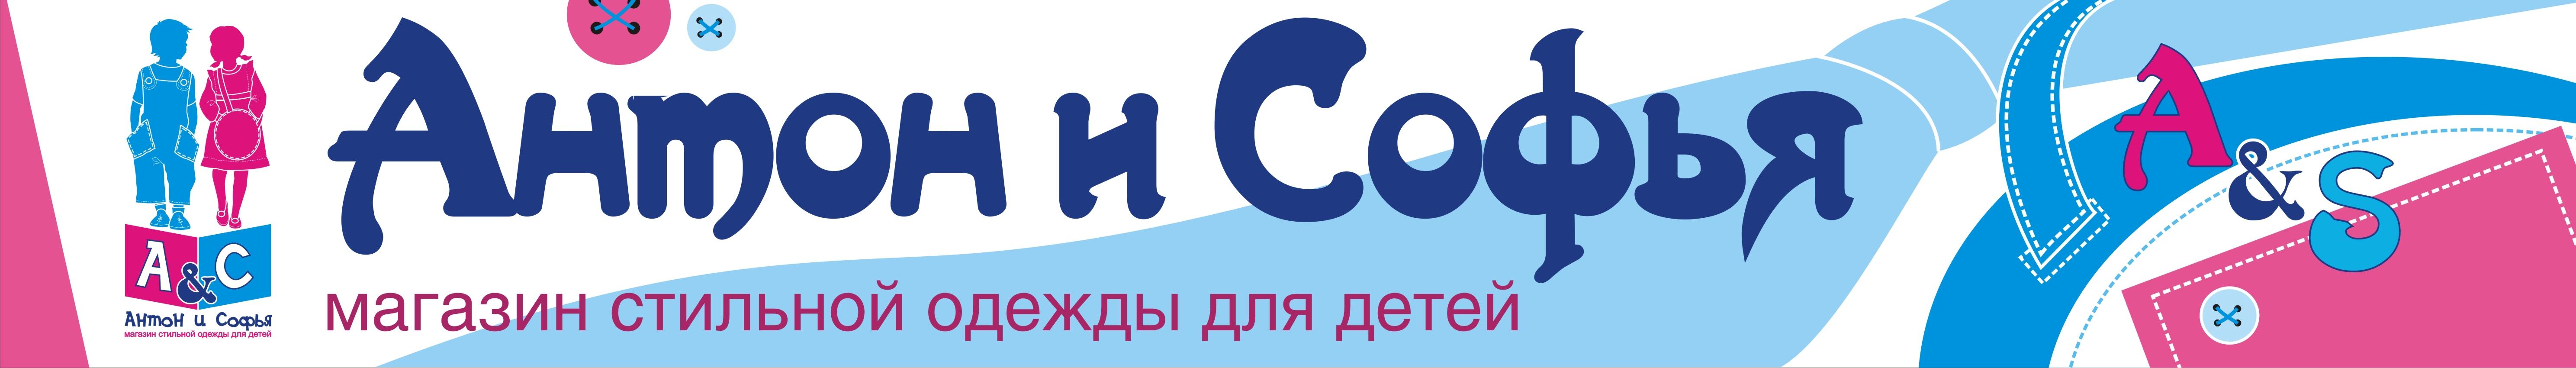 Логотип и вывеска для магазина детской одежды фото f_4c87dc7168354.jpg